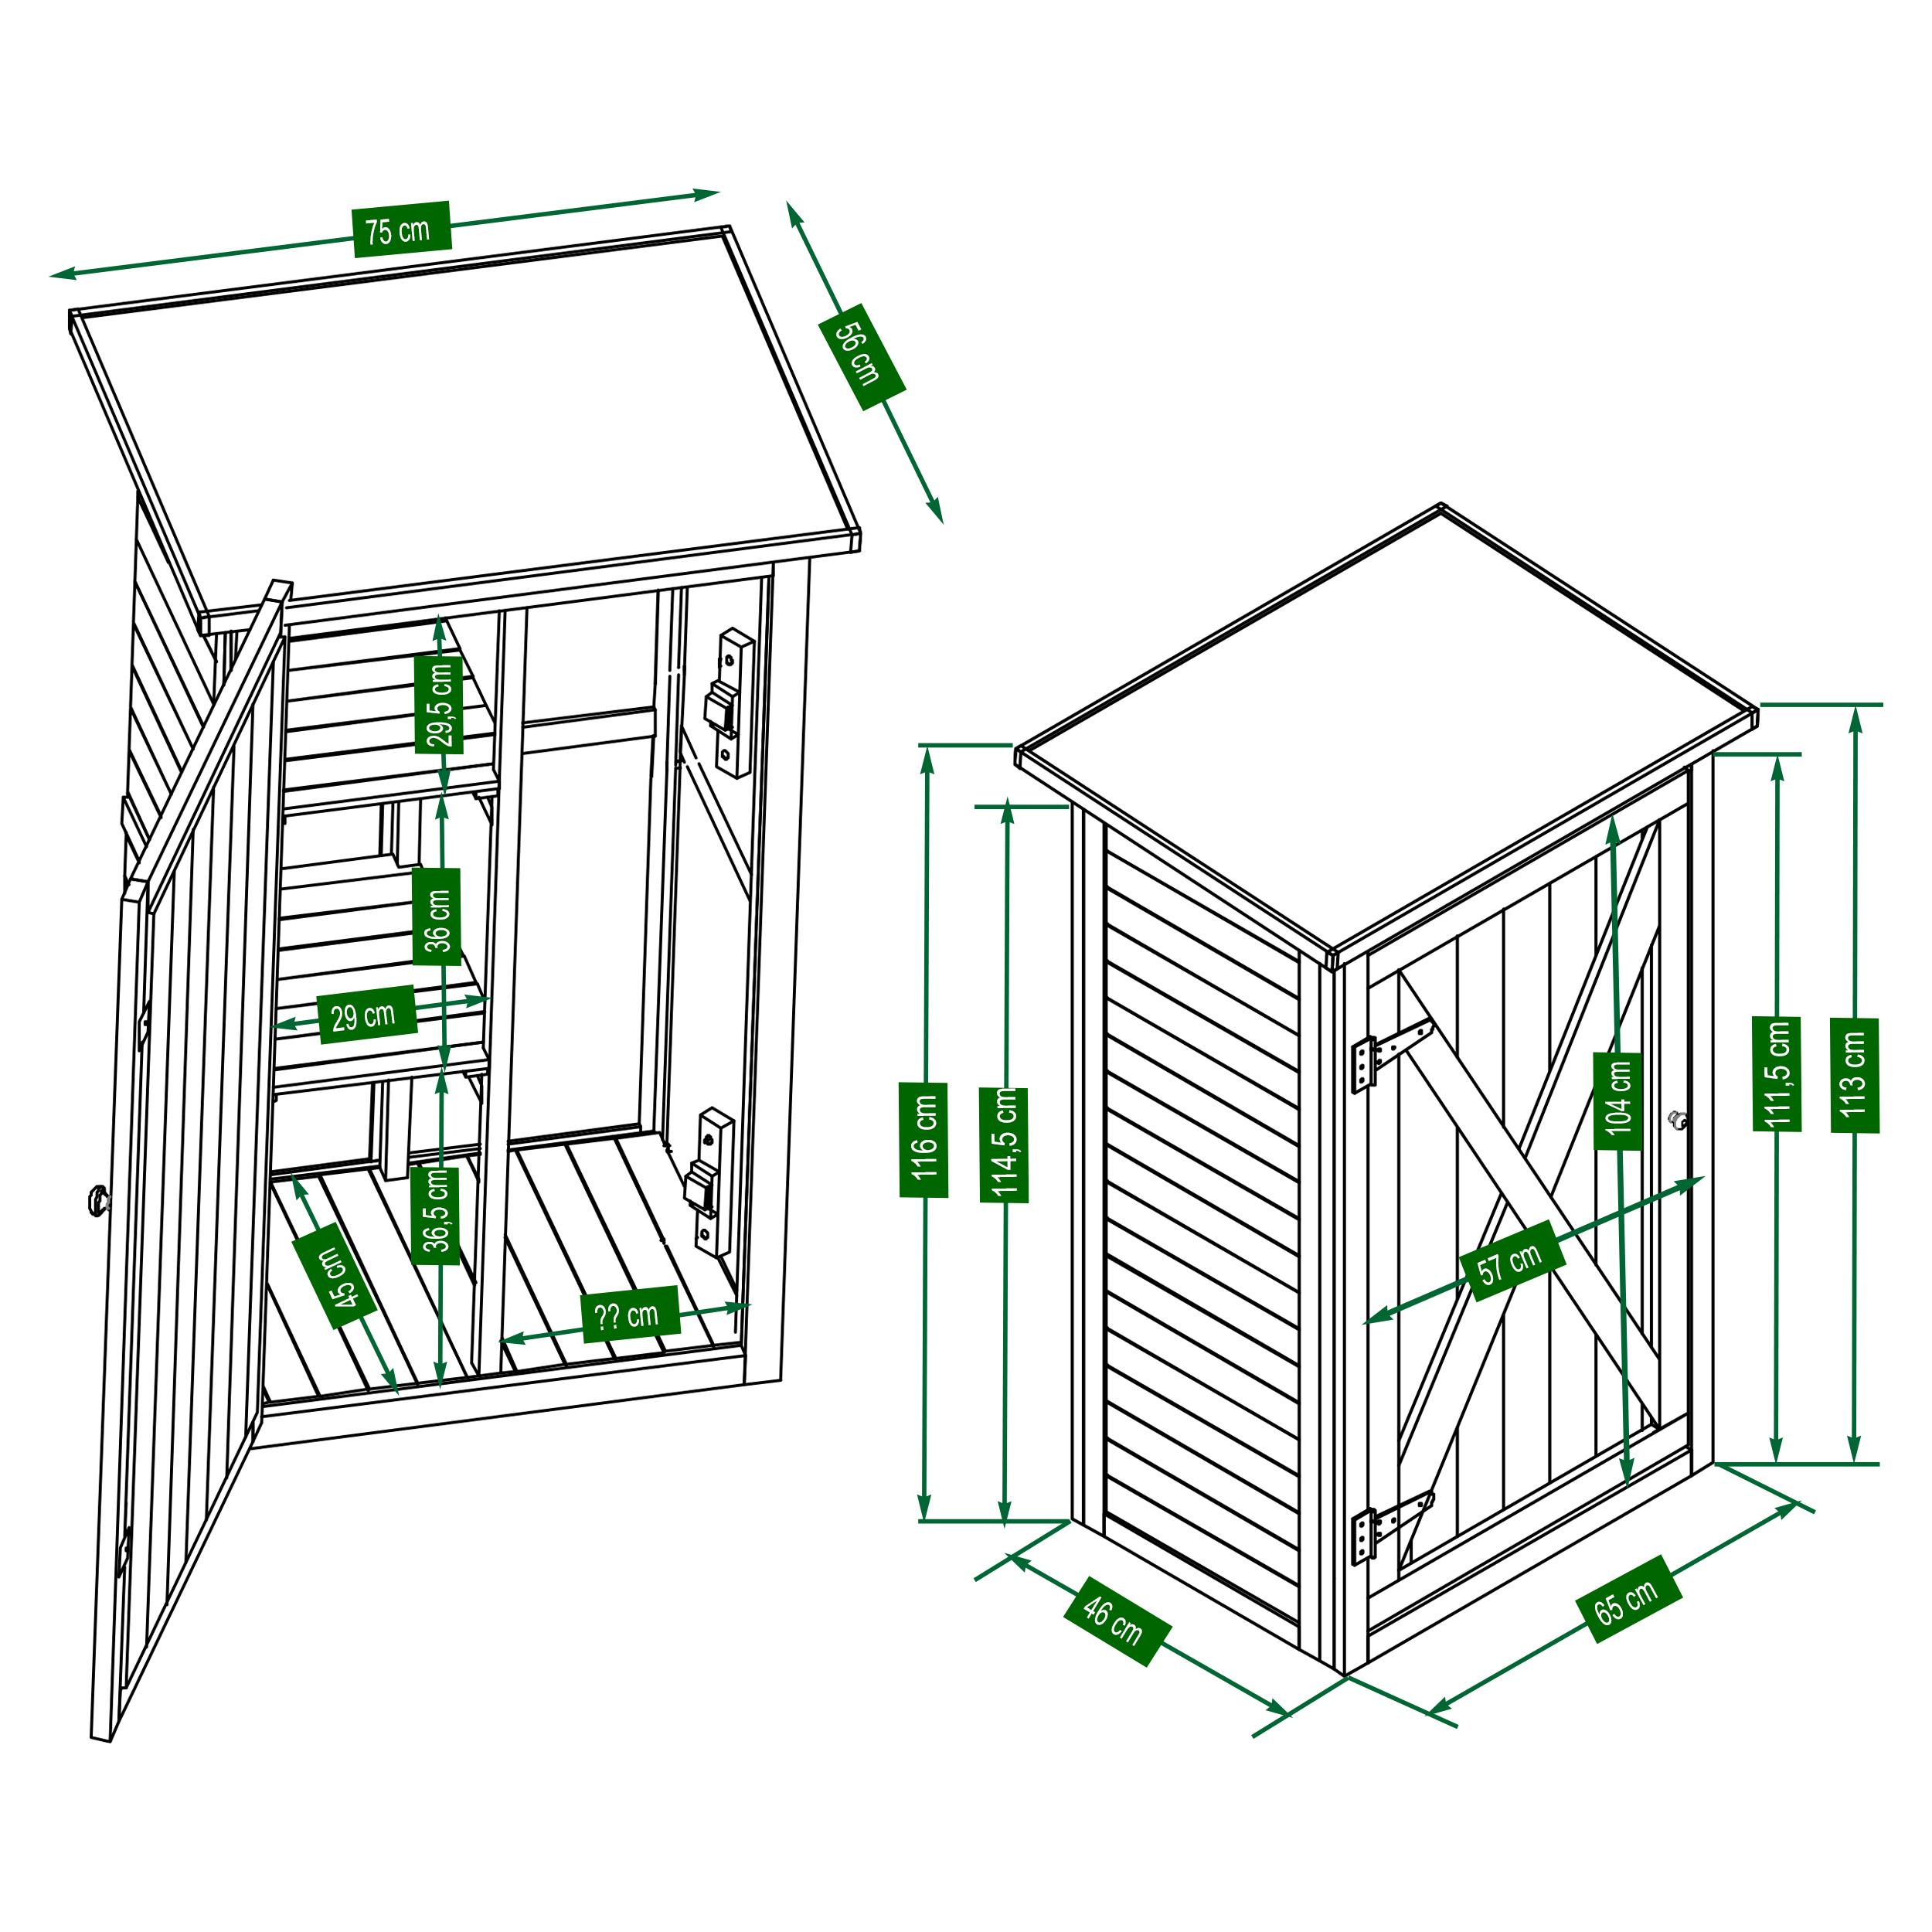 HABAU Gartenschrank Benno - Skizze mit Maßen - 3086